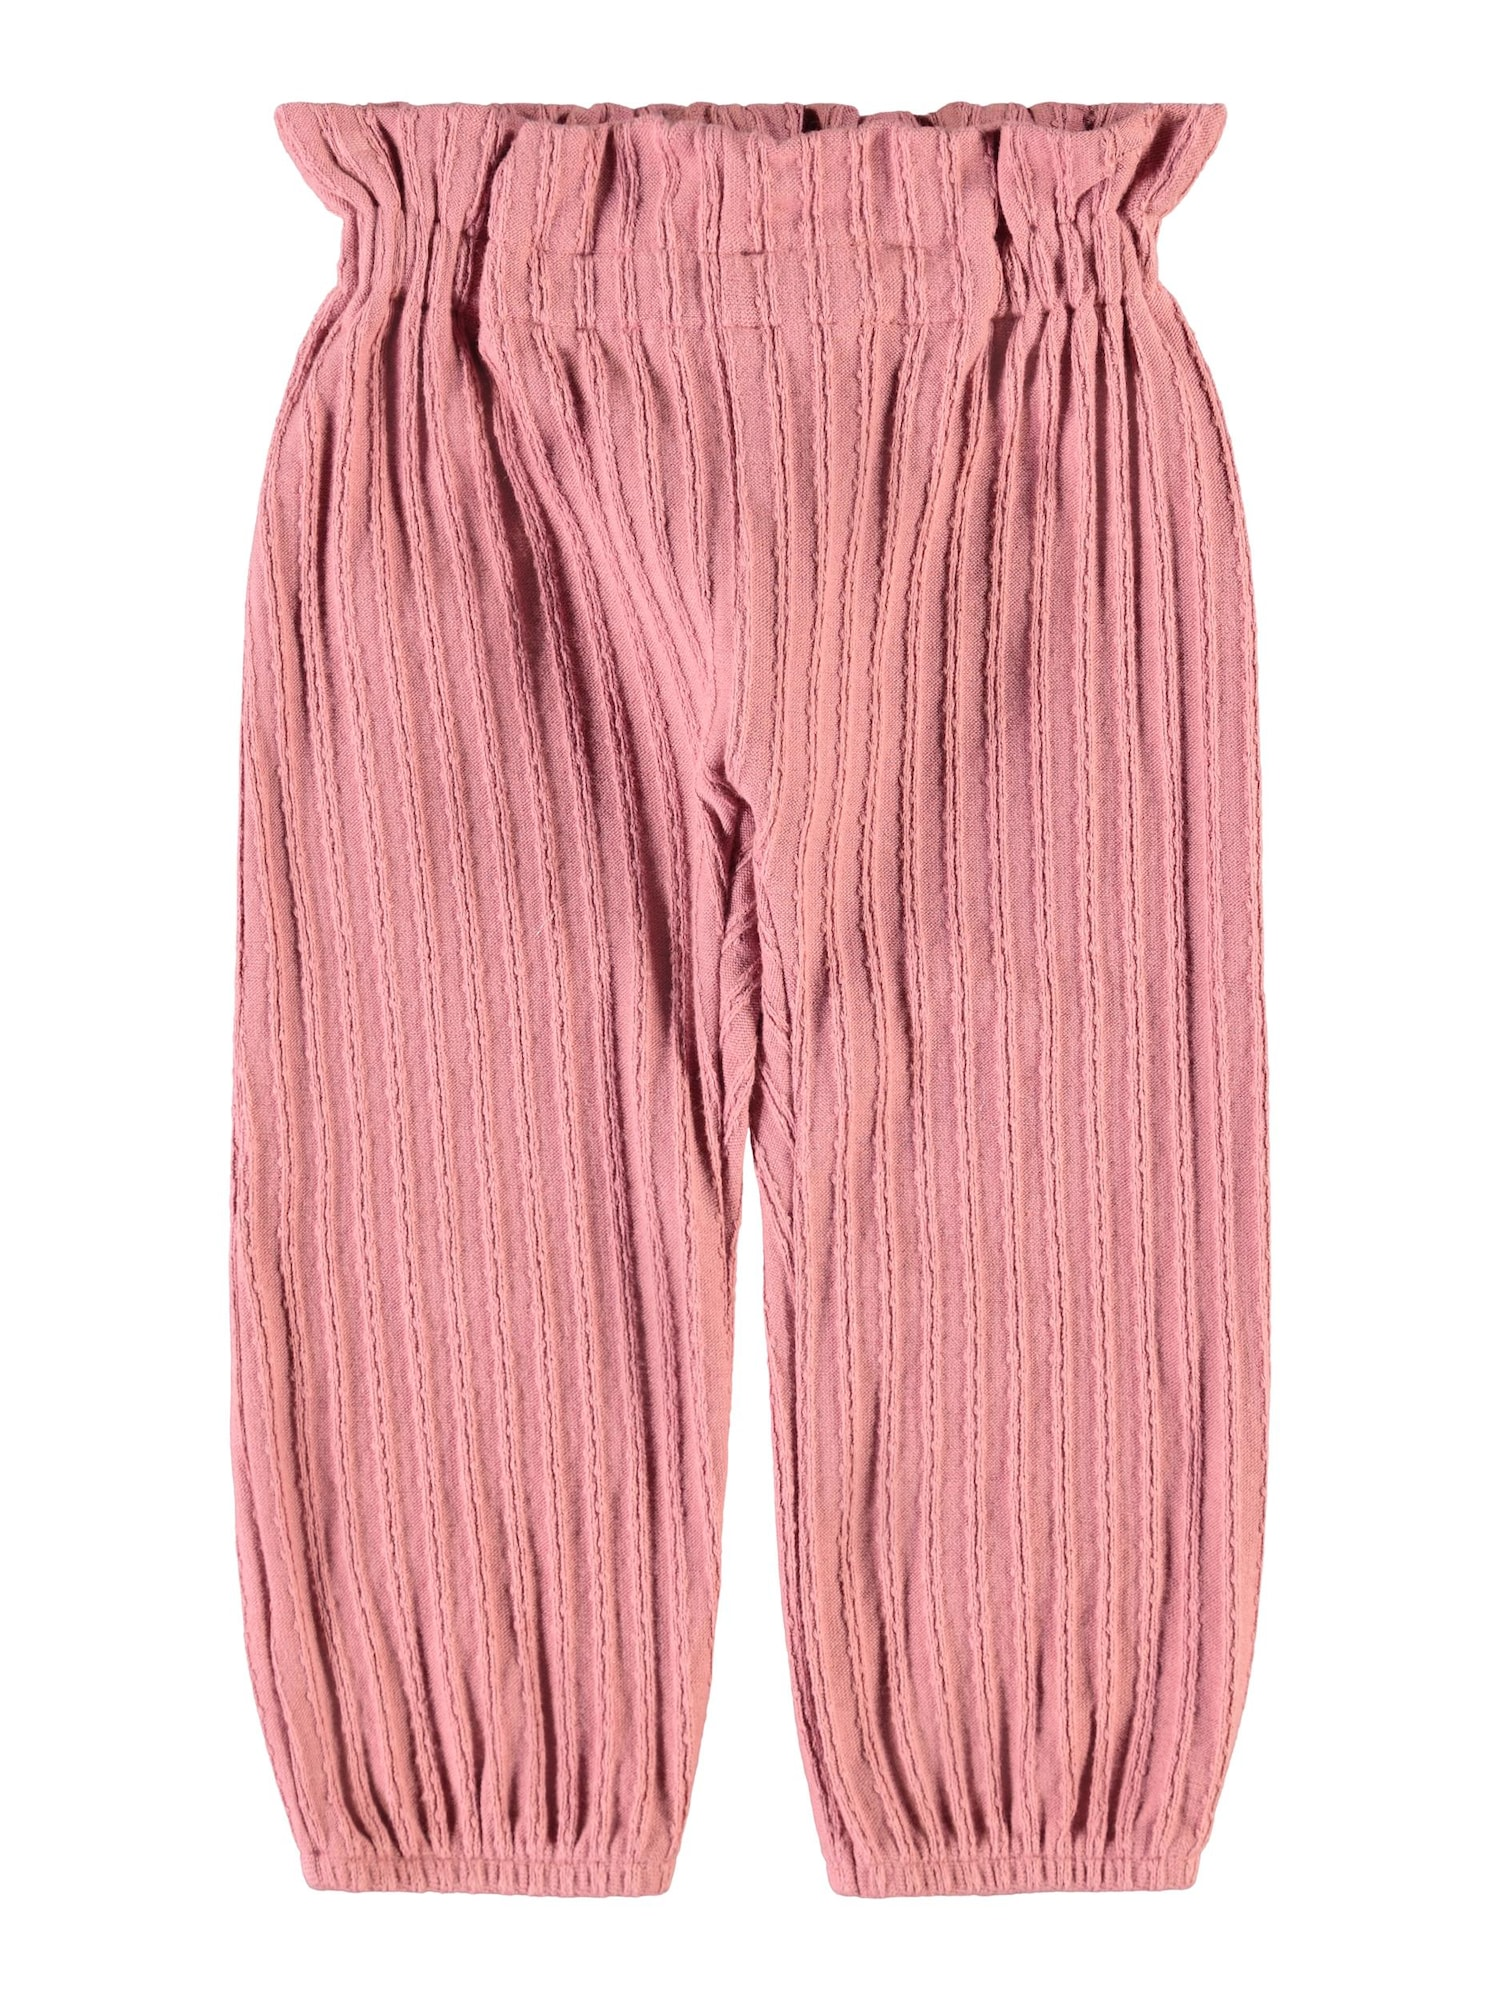 NAME IT Kelnės ryškiai rožinė spalva